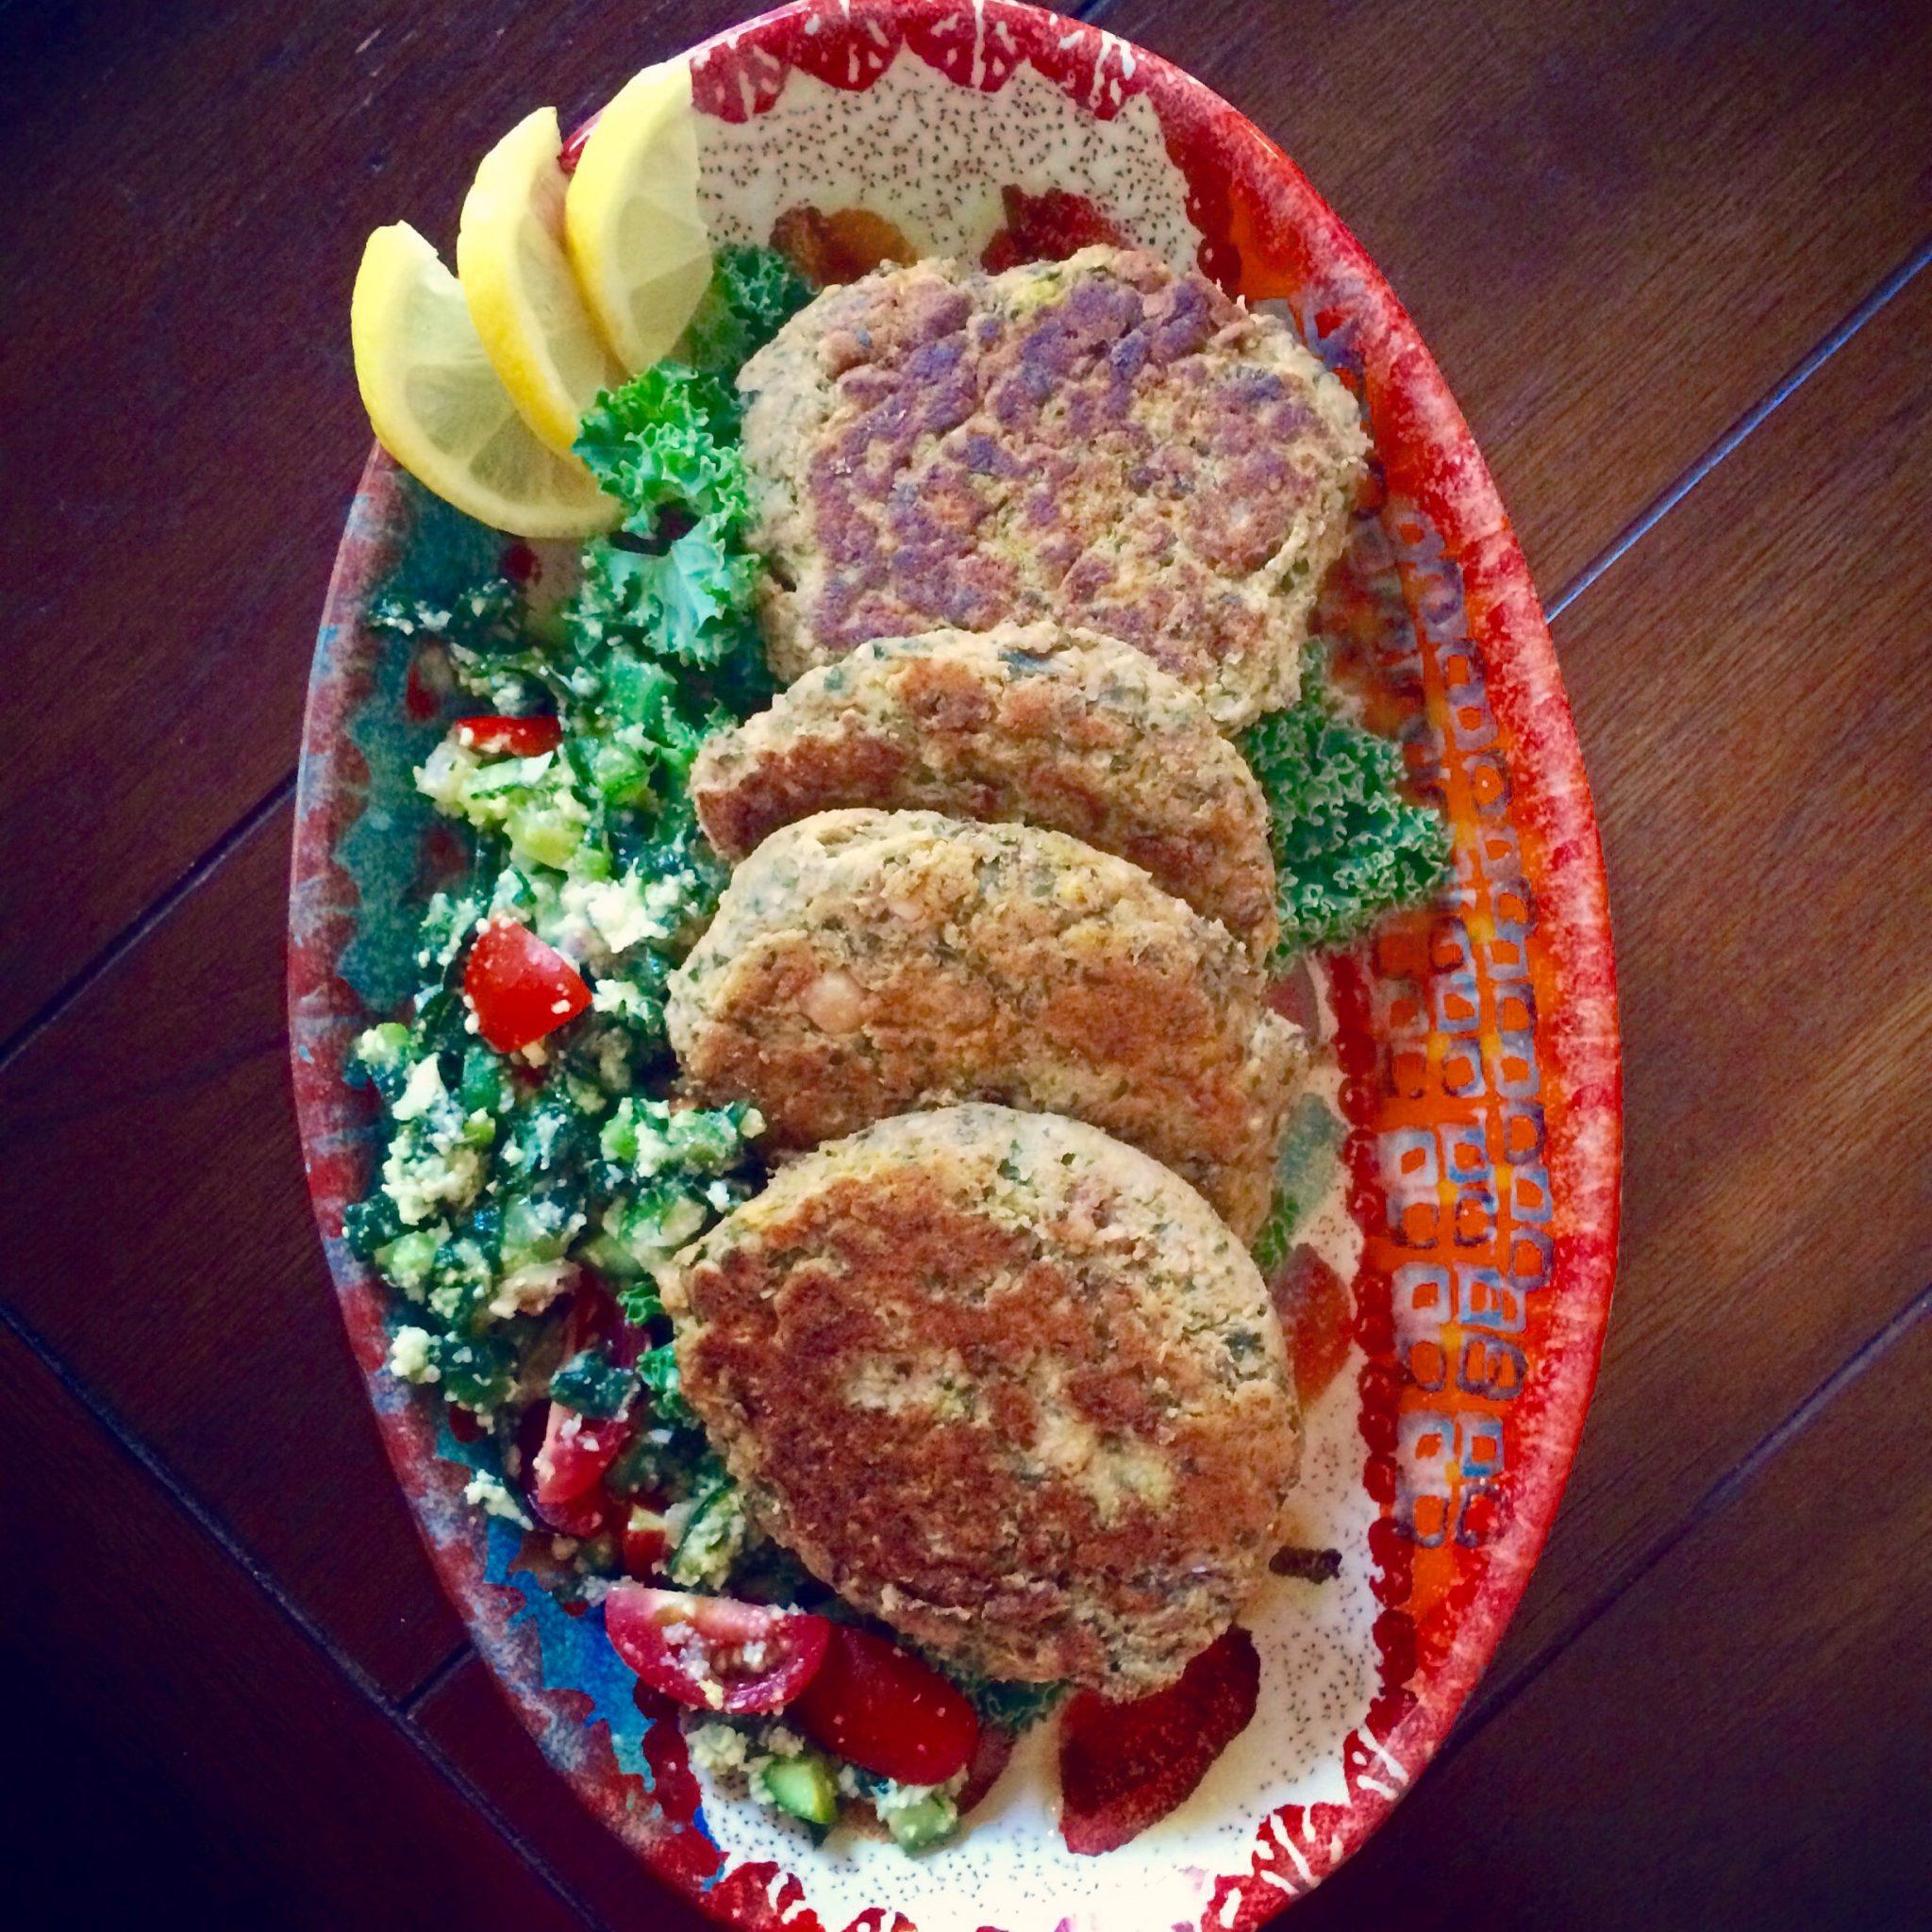 Get Your Greens Falafel